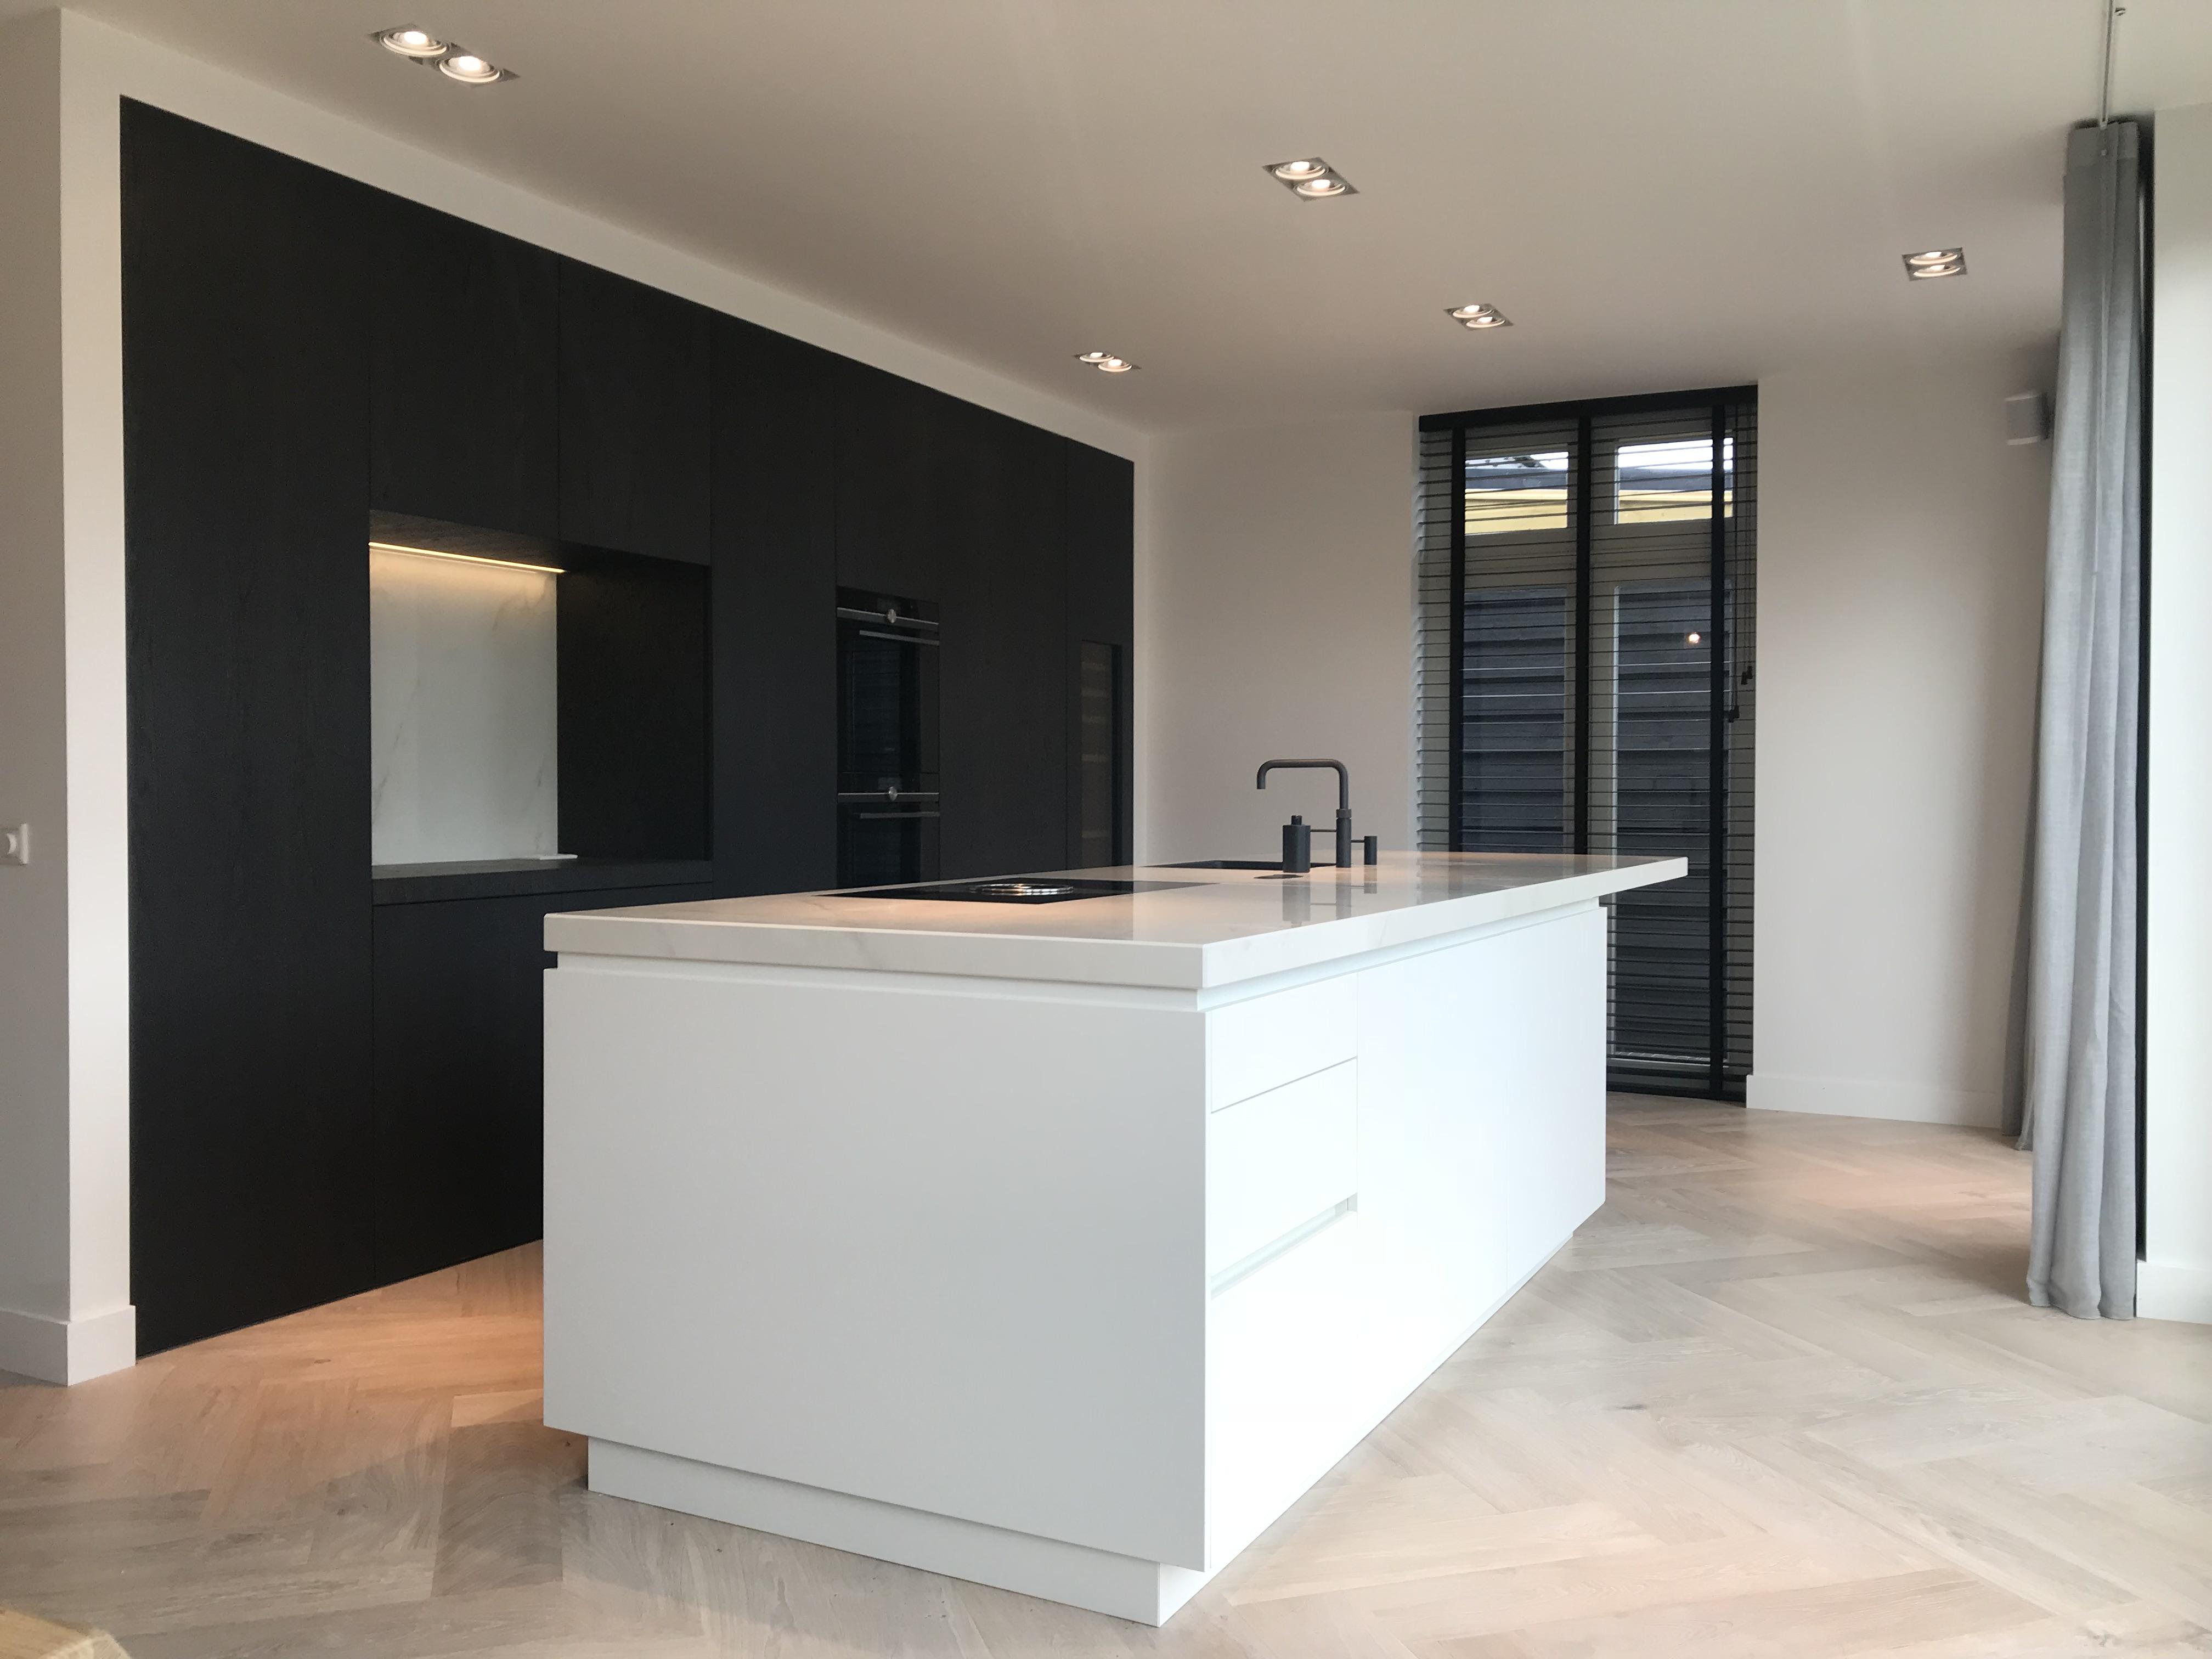 Keuken Zwart Gebeitst Eiken Met Keramiek Marmer Look Blad Pdi Interieurbouw